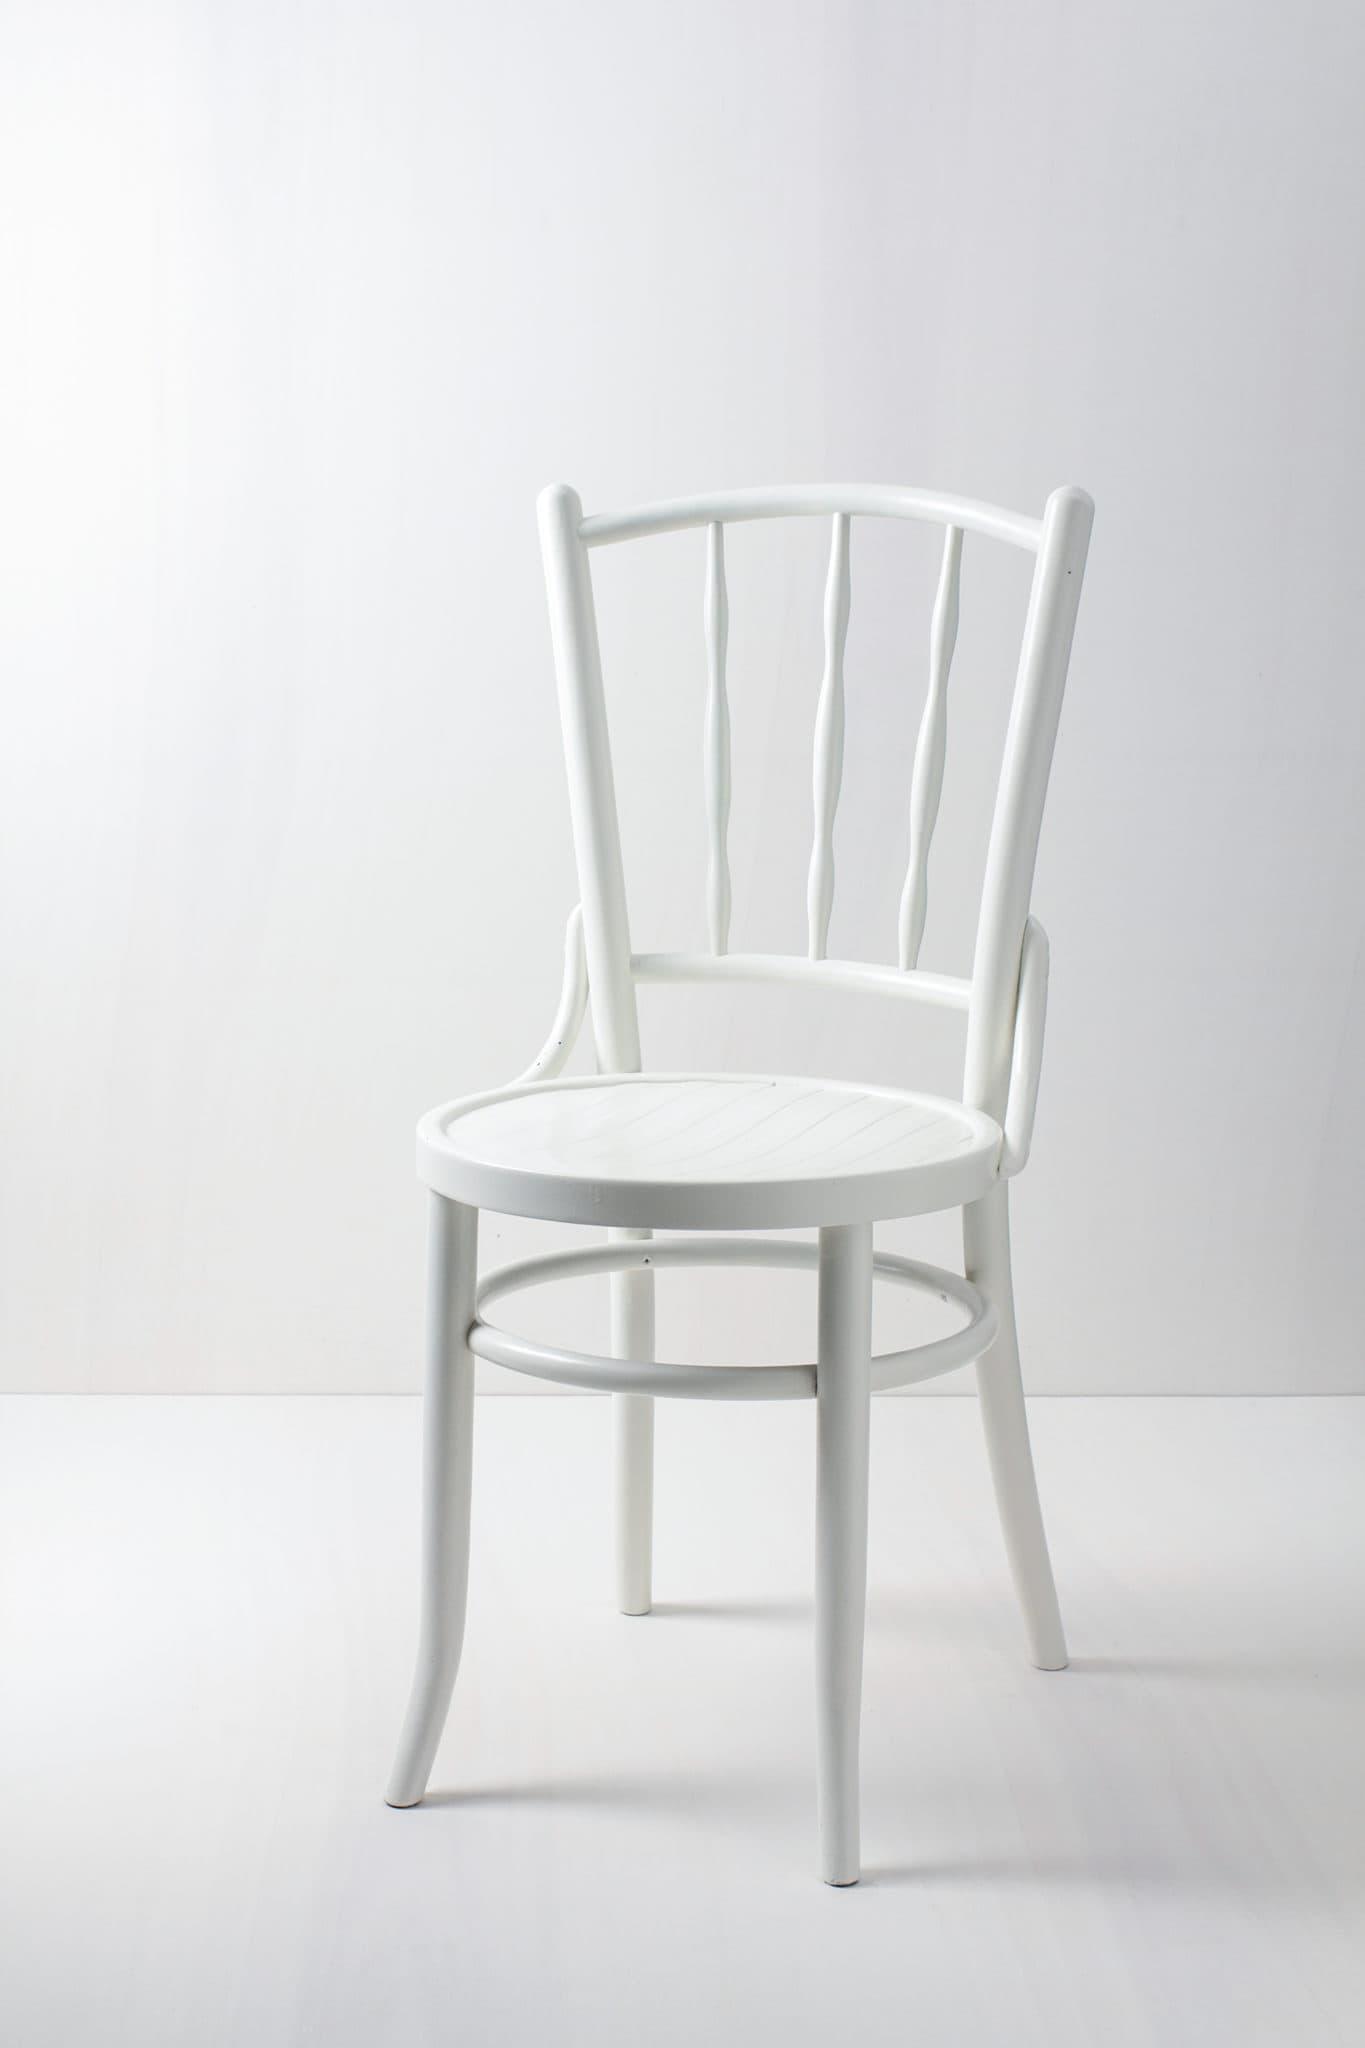 Vintagestuhl, Thonet-Stuhl, elegante Holzstühle mieten, weiß